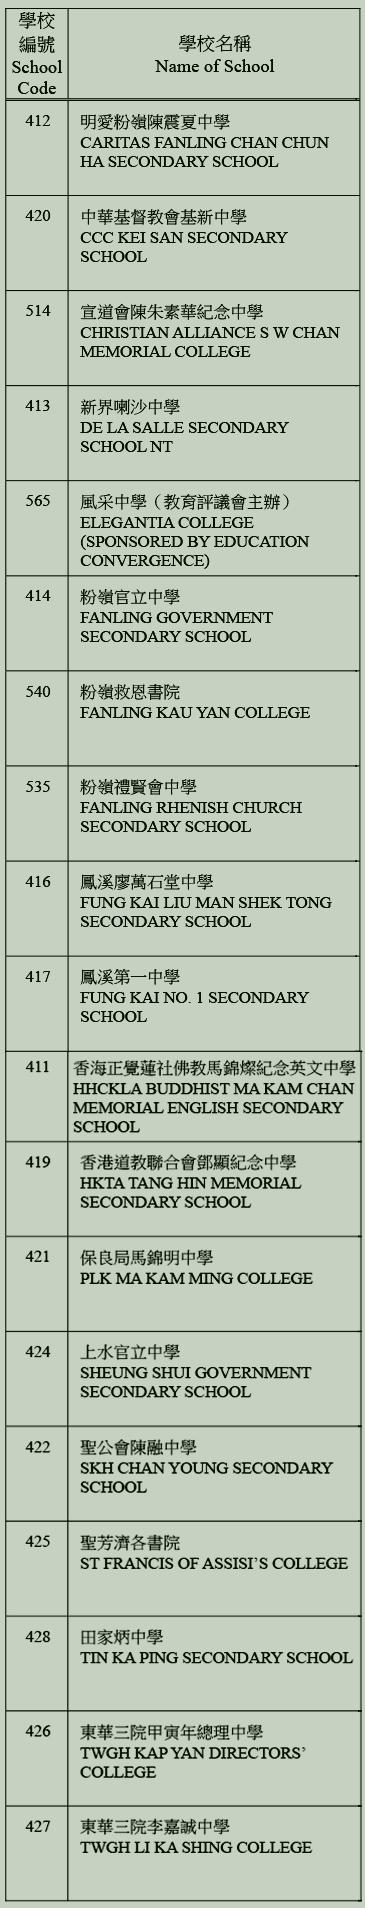 中學校網-北區學校名單